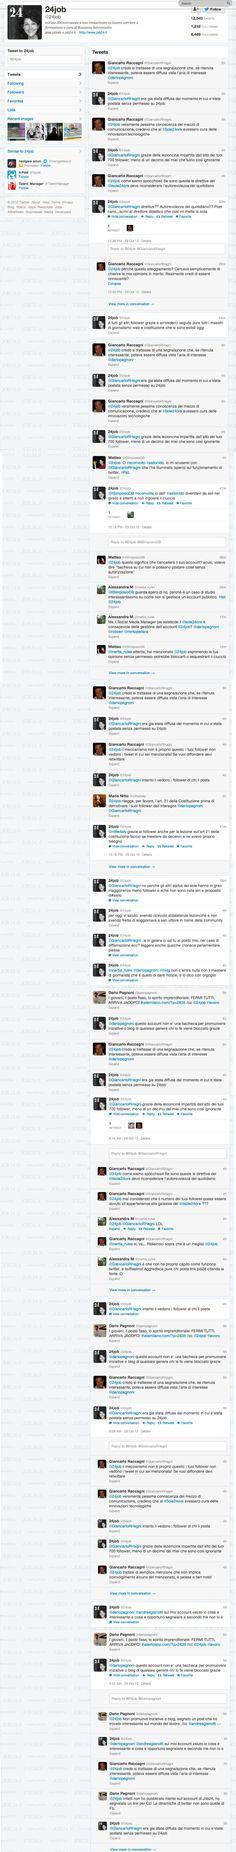 Social #epicfail e conversazioni surreali su twitter. La storia del #poernano.